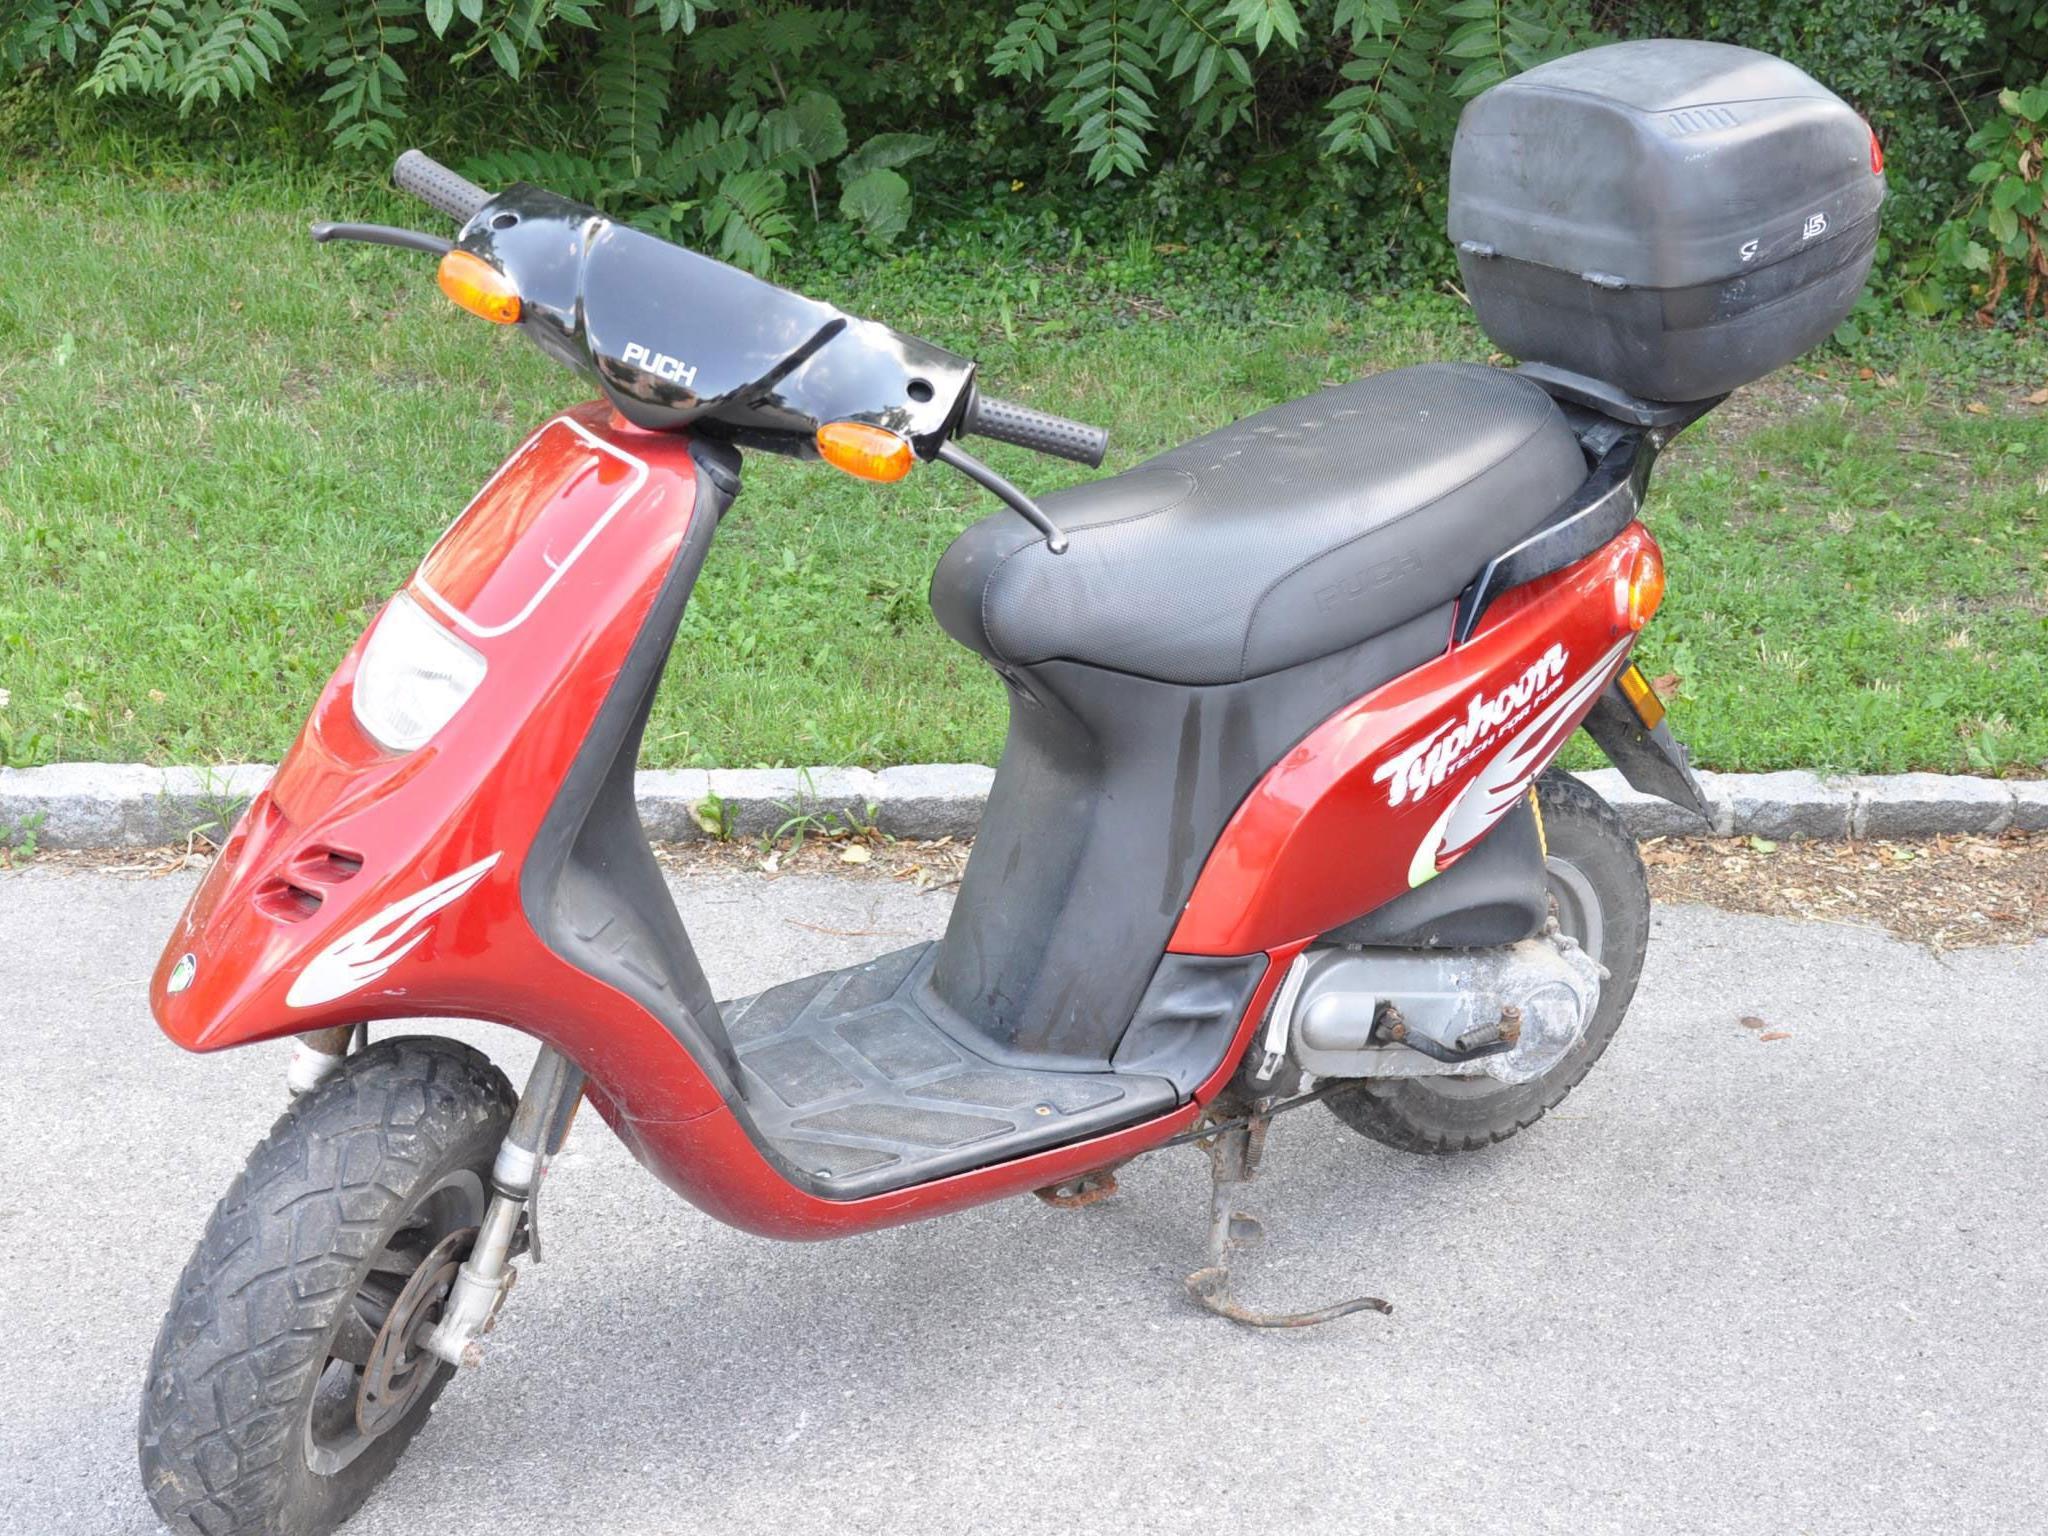 Dieses Moped wurde sichergestellt